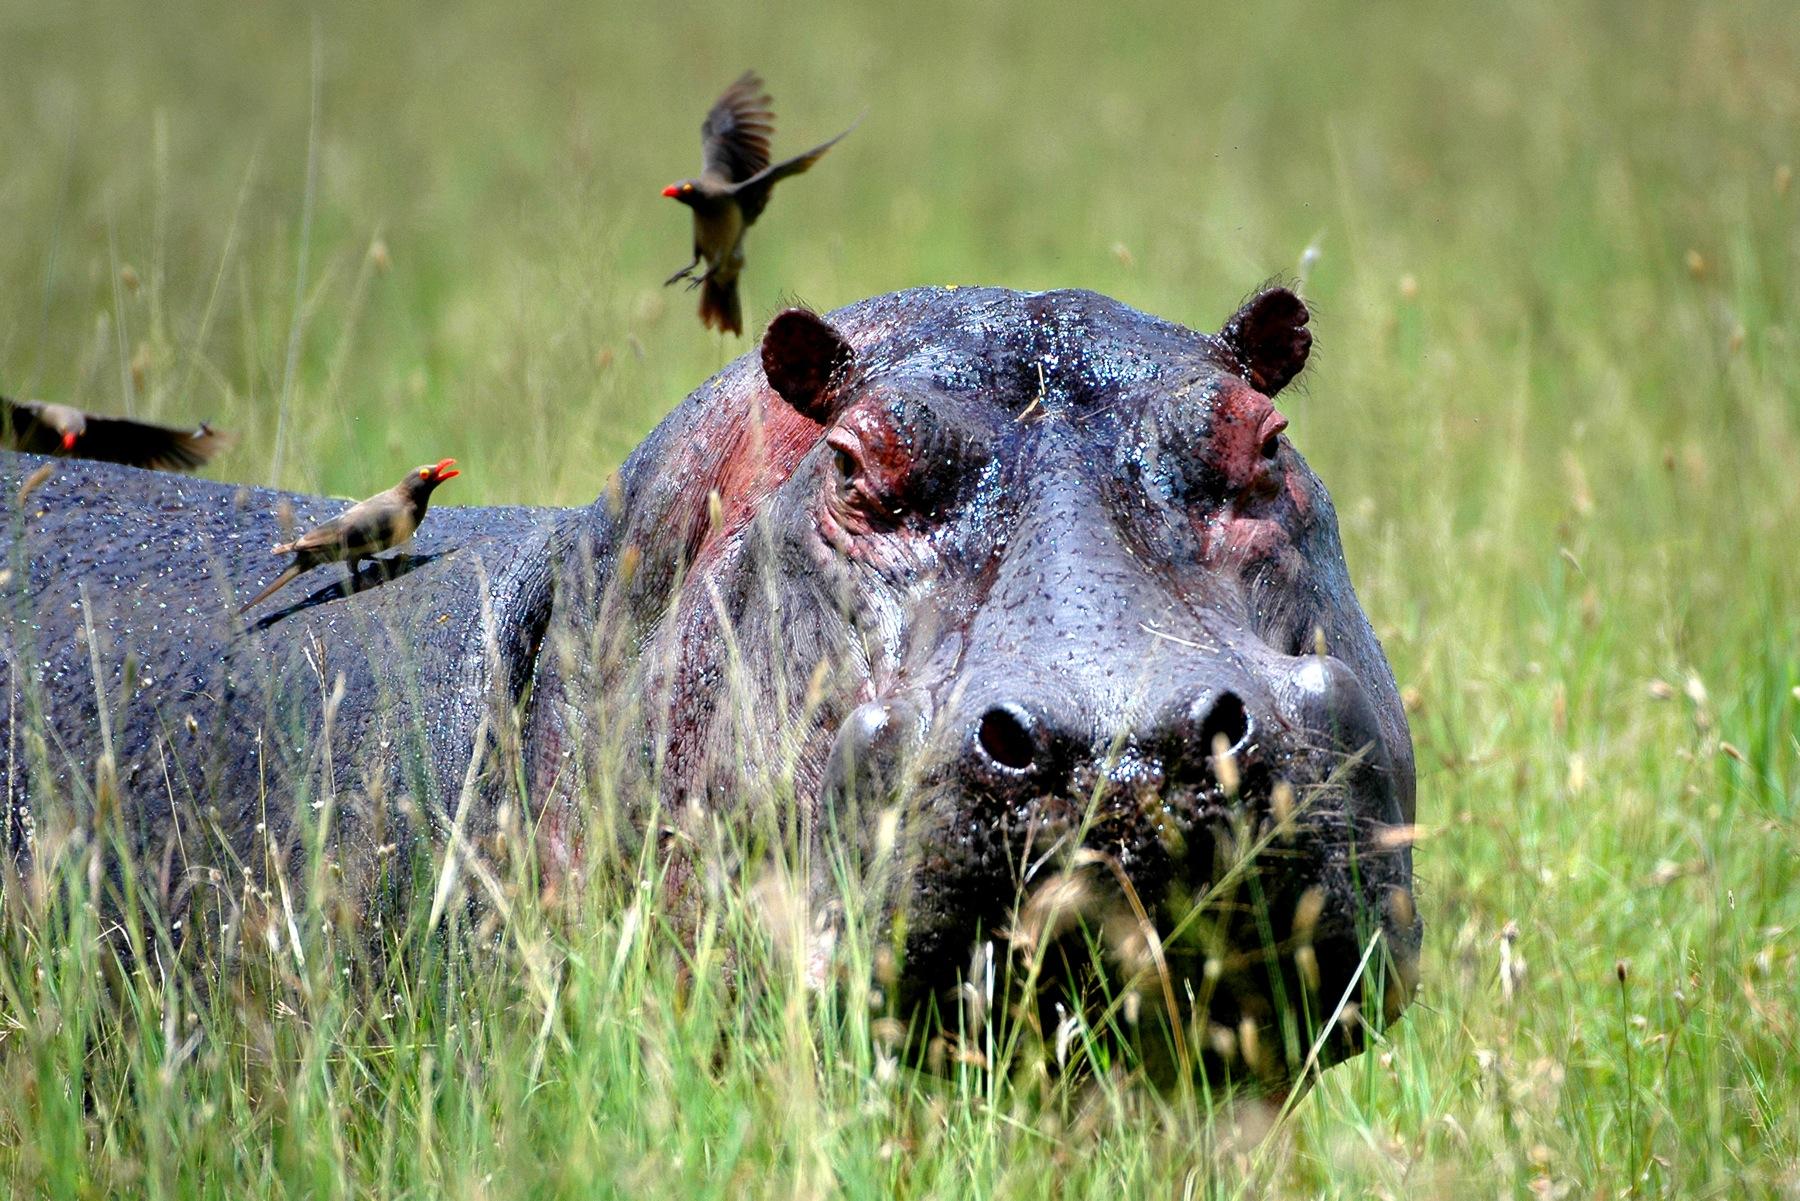 selous safari short from Dar es Salaam